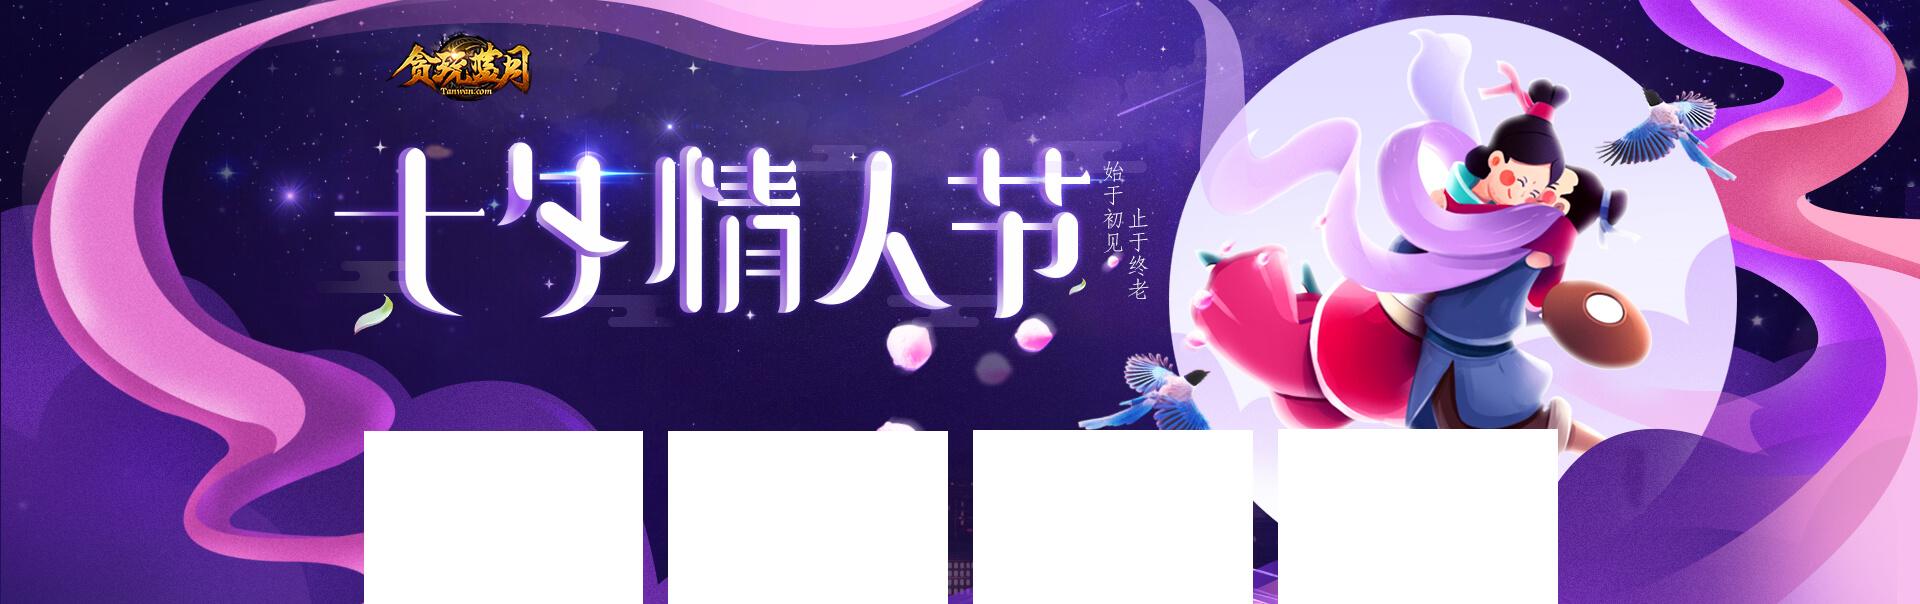 《贪玩蓝月》七夕佳节